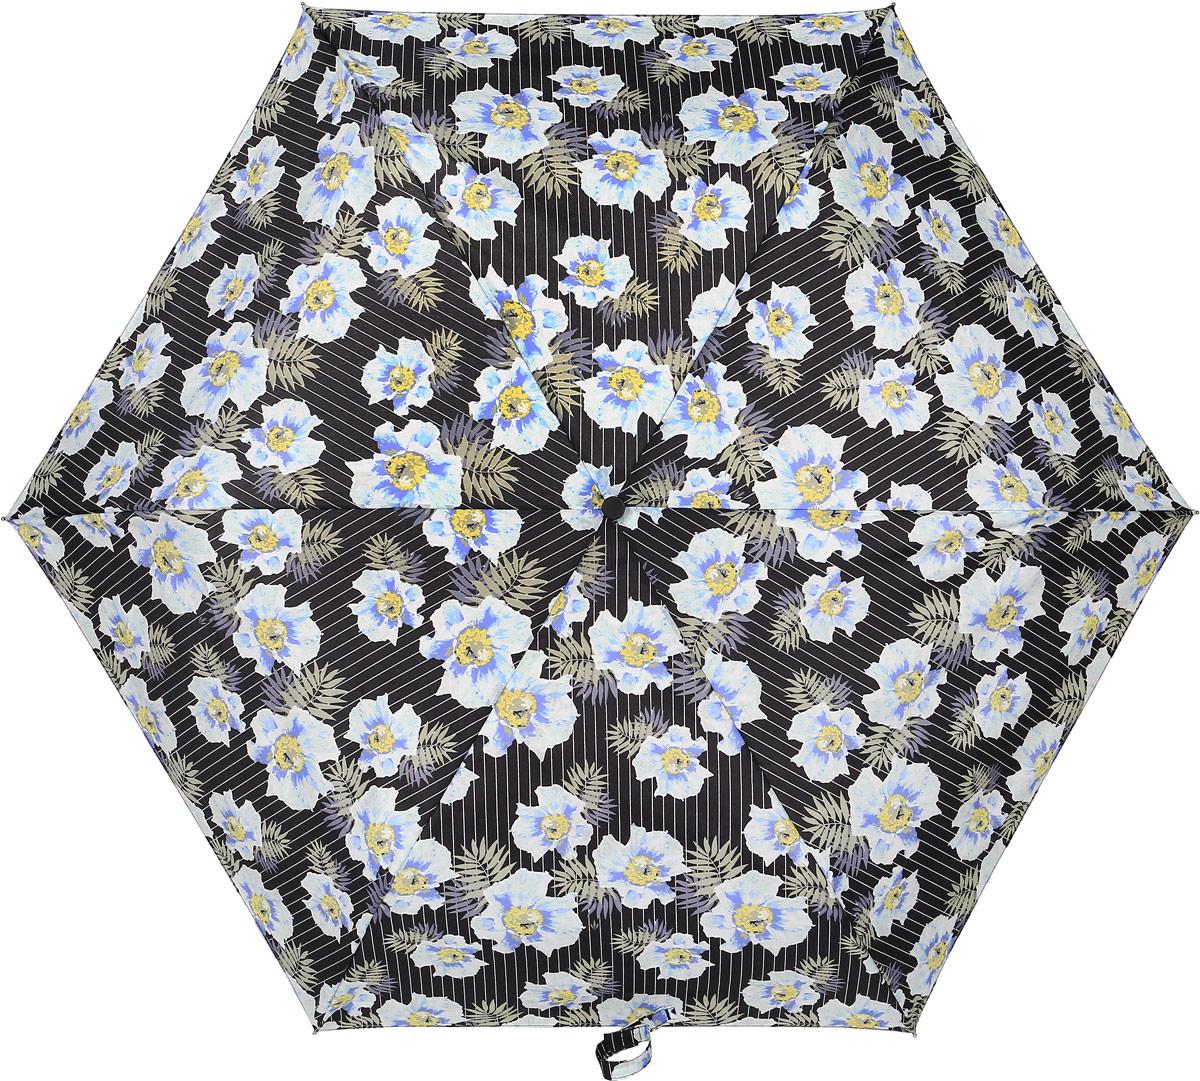 Зонт женский Fulton, механический, 3 сложения, цвет: мультиколор. L553-33753.7-12 navyСтильный механический зонт Fulton имеет 3 сложения, даже в ненастную погоду позволит вам оставаться стильной. Легкий, но в тоже время прочный алюминиевый каркас состоит из шестиспиц с элементами из фибергласса. Купол зонта выполнен из прочного полиэстера с водоотталкивающей пропиткой. Рукоятка закругленной формы, разработанная с учетом требований эргономики, выполнена из каучука. Зонт имеет механический способ сложения: и купол, и стержень открываются и закрываются вручную до характерного щелчка.